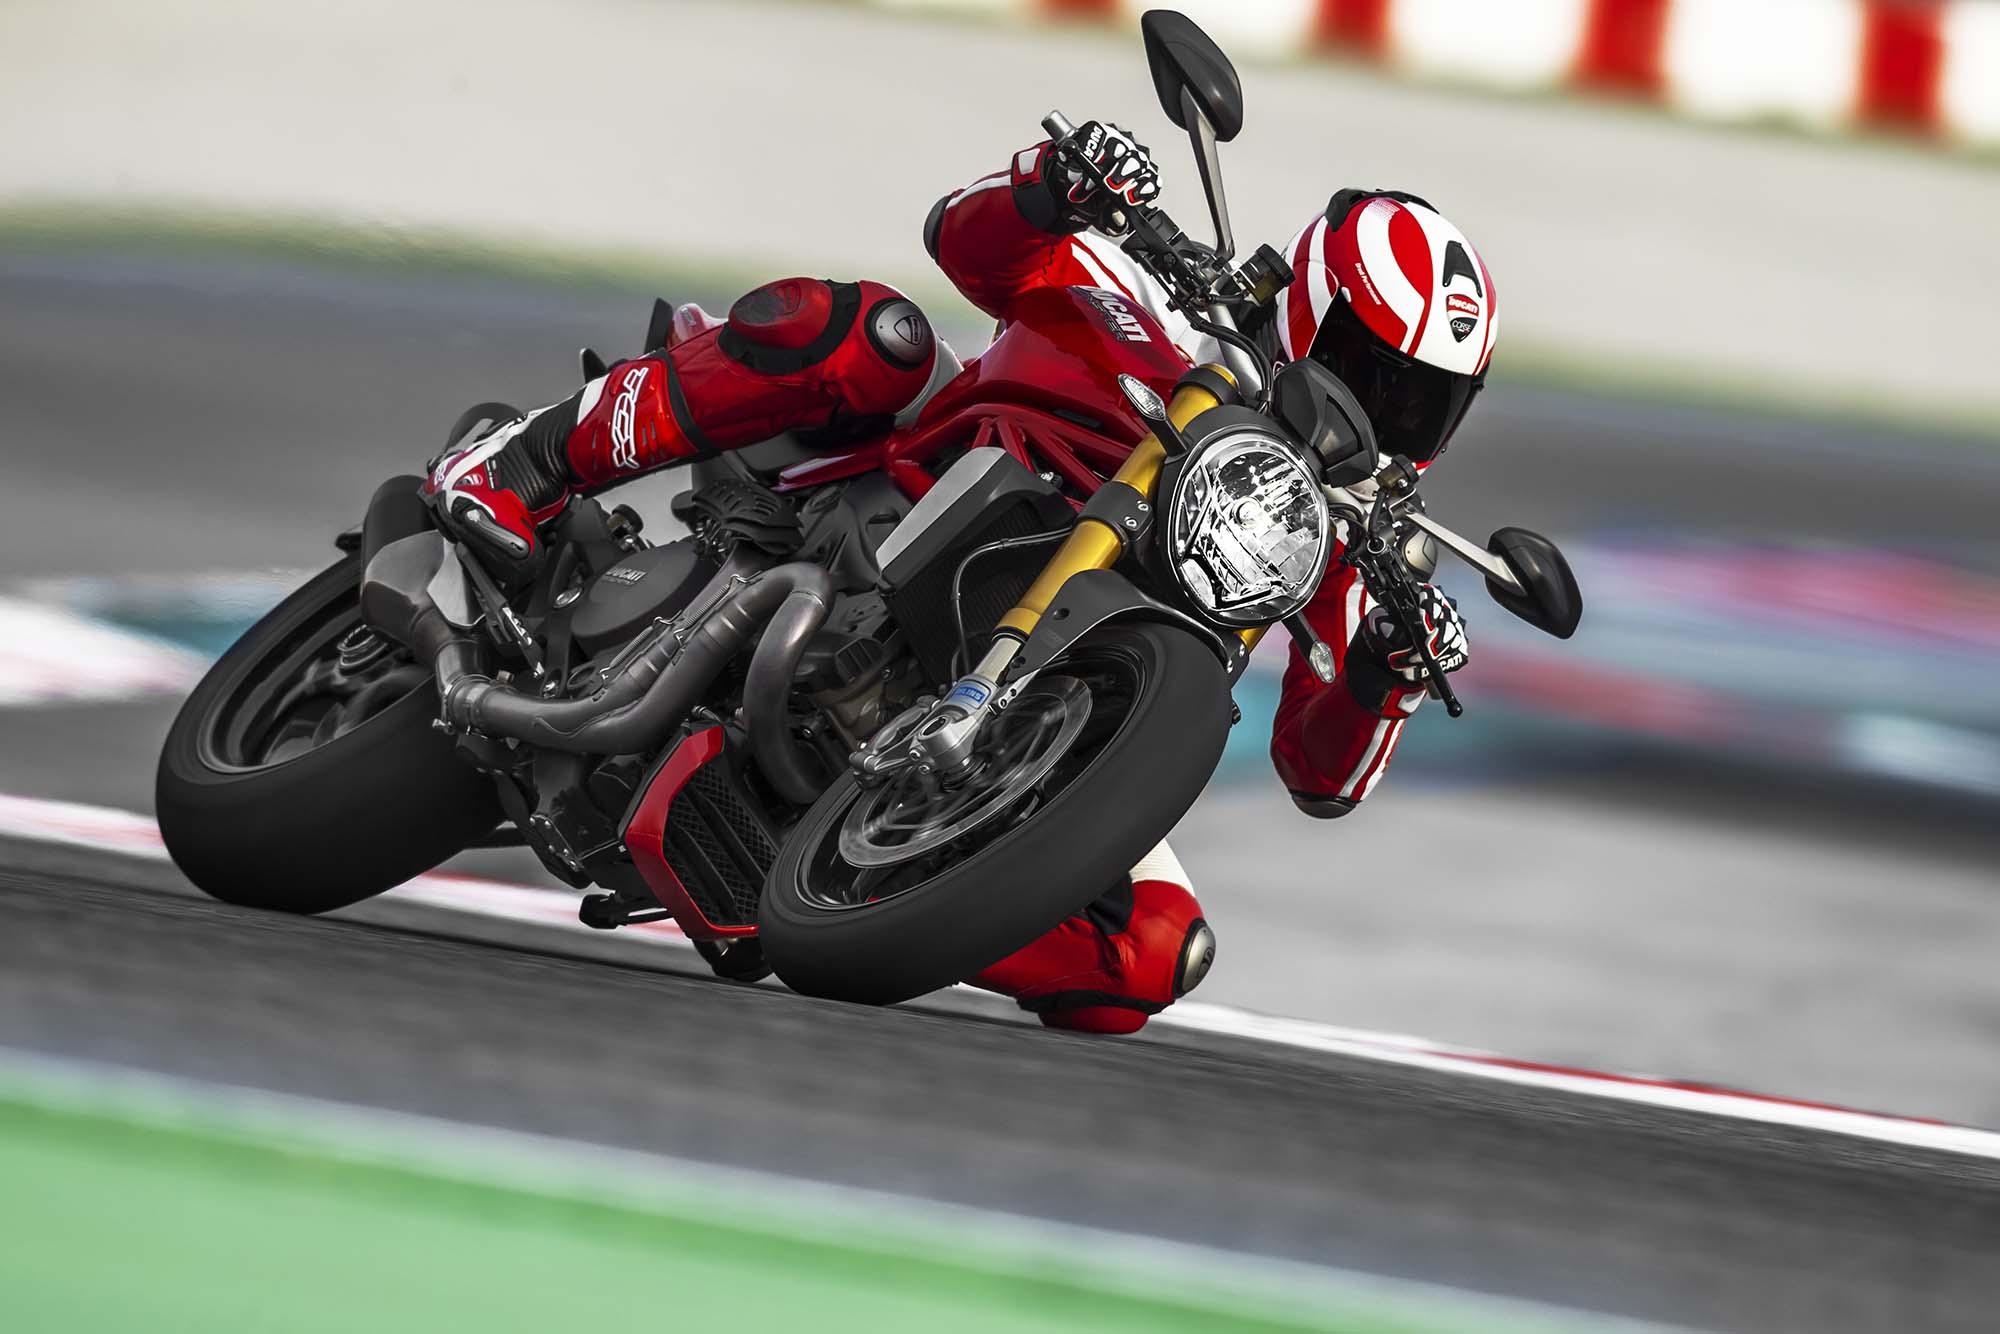 Итальянский байк Ducati Monster 400 — мотоцикл для огромных мегаполисов